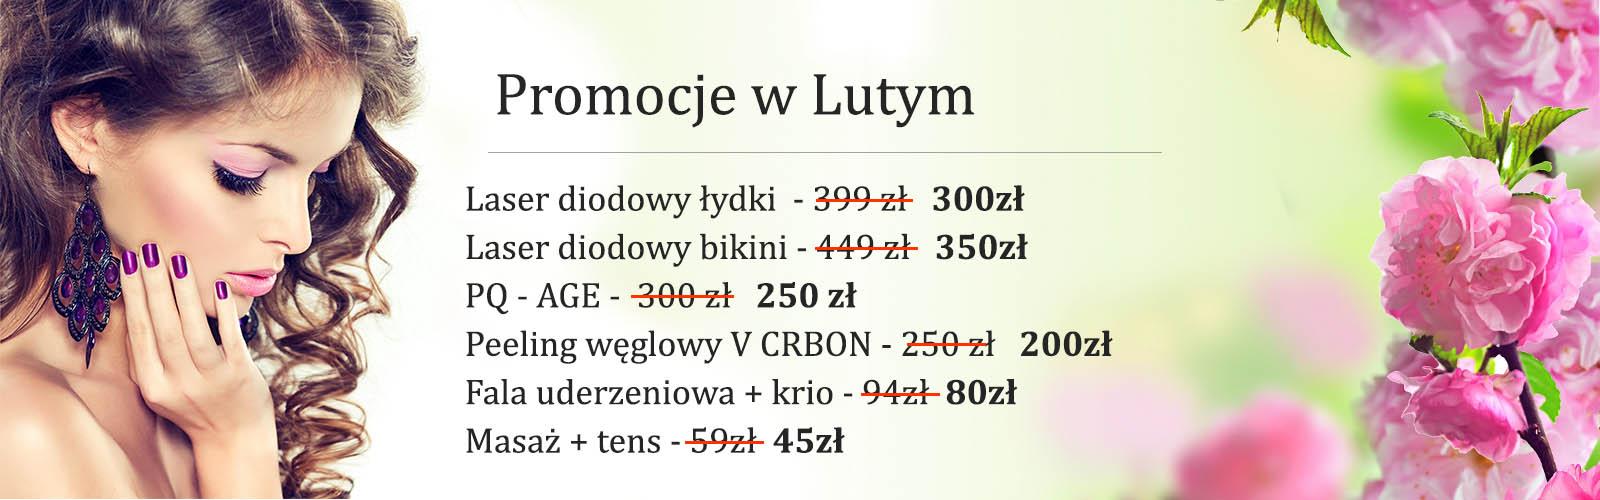 prom-luty2019